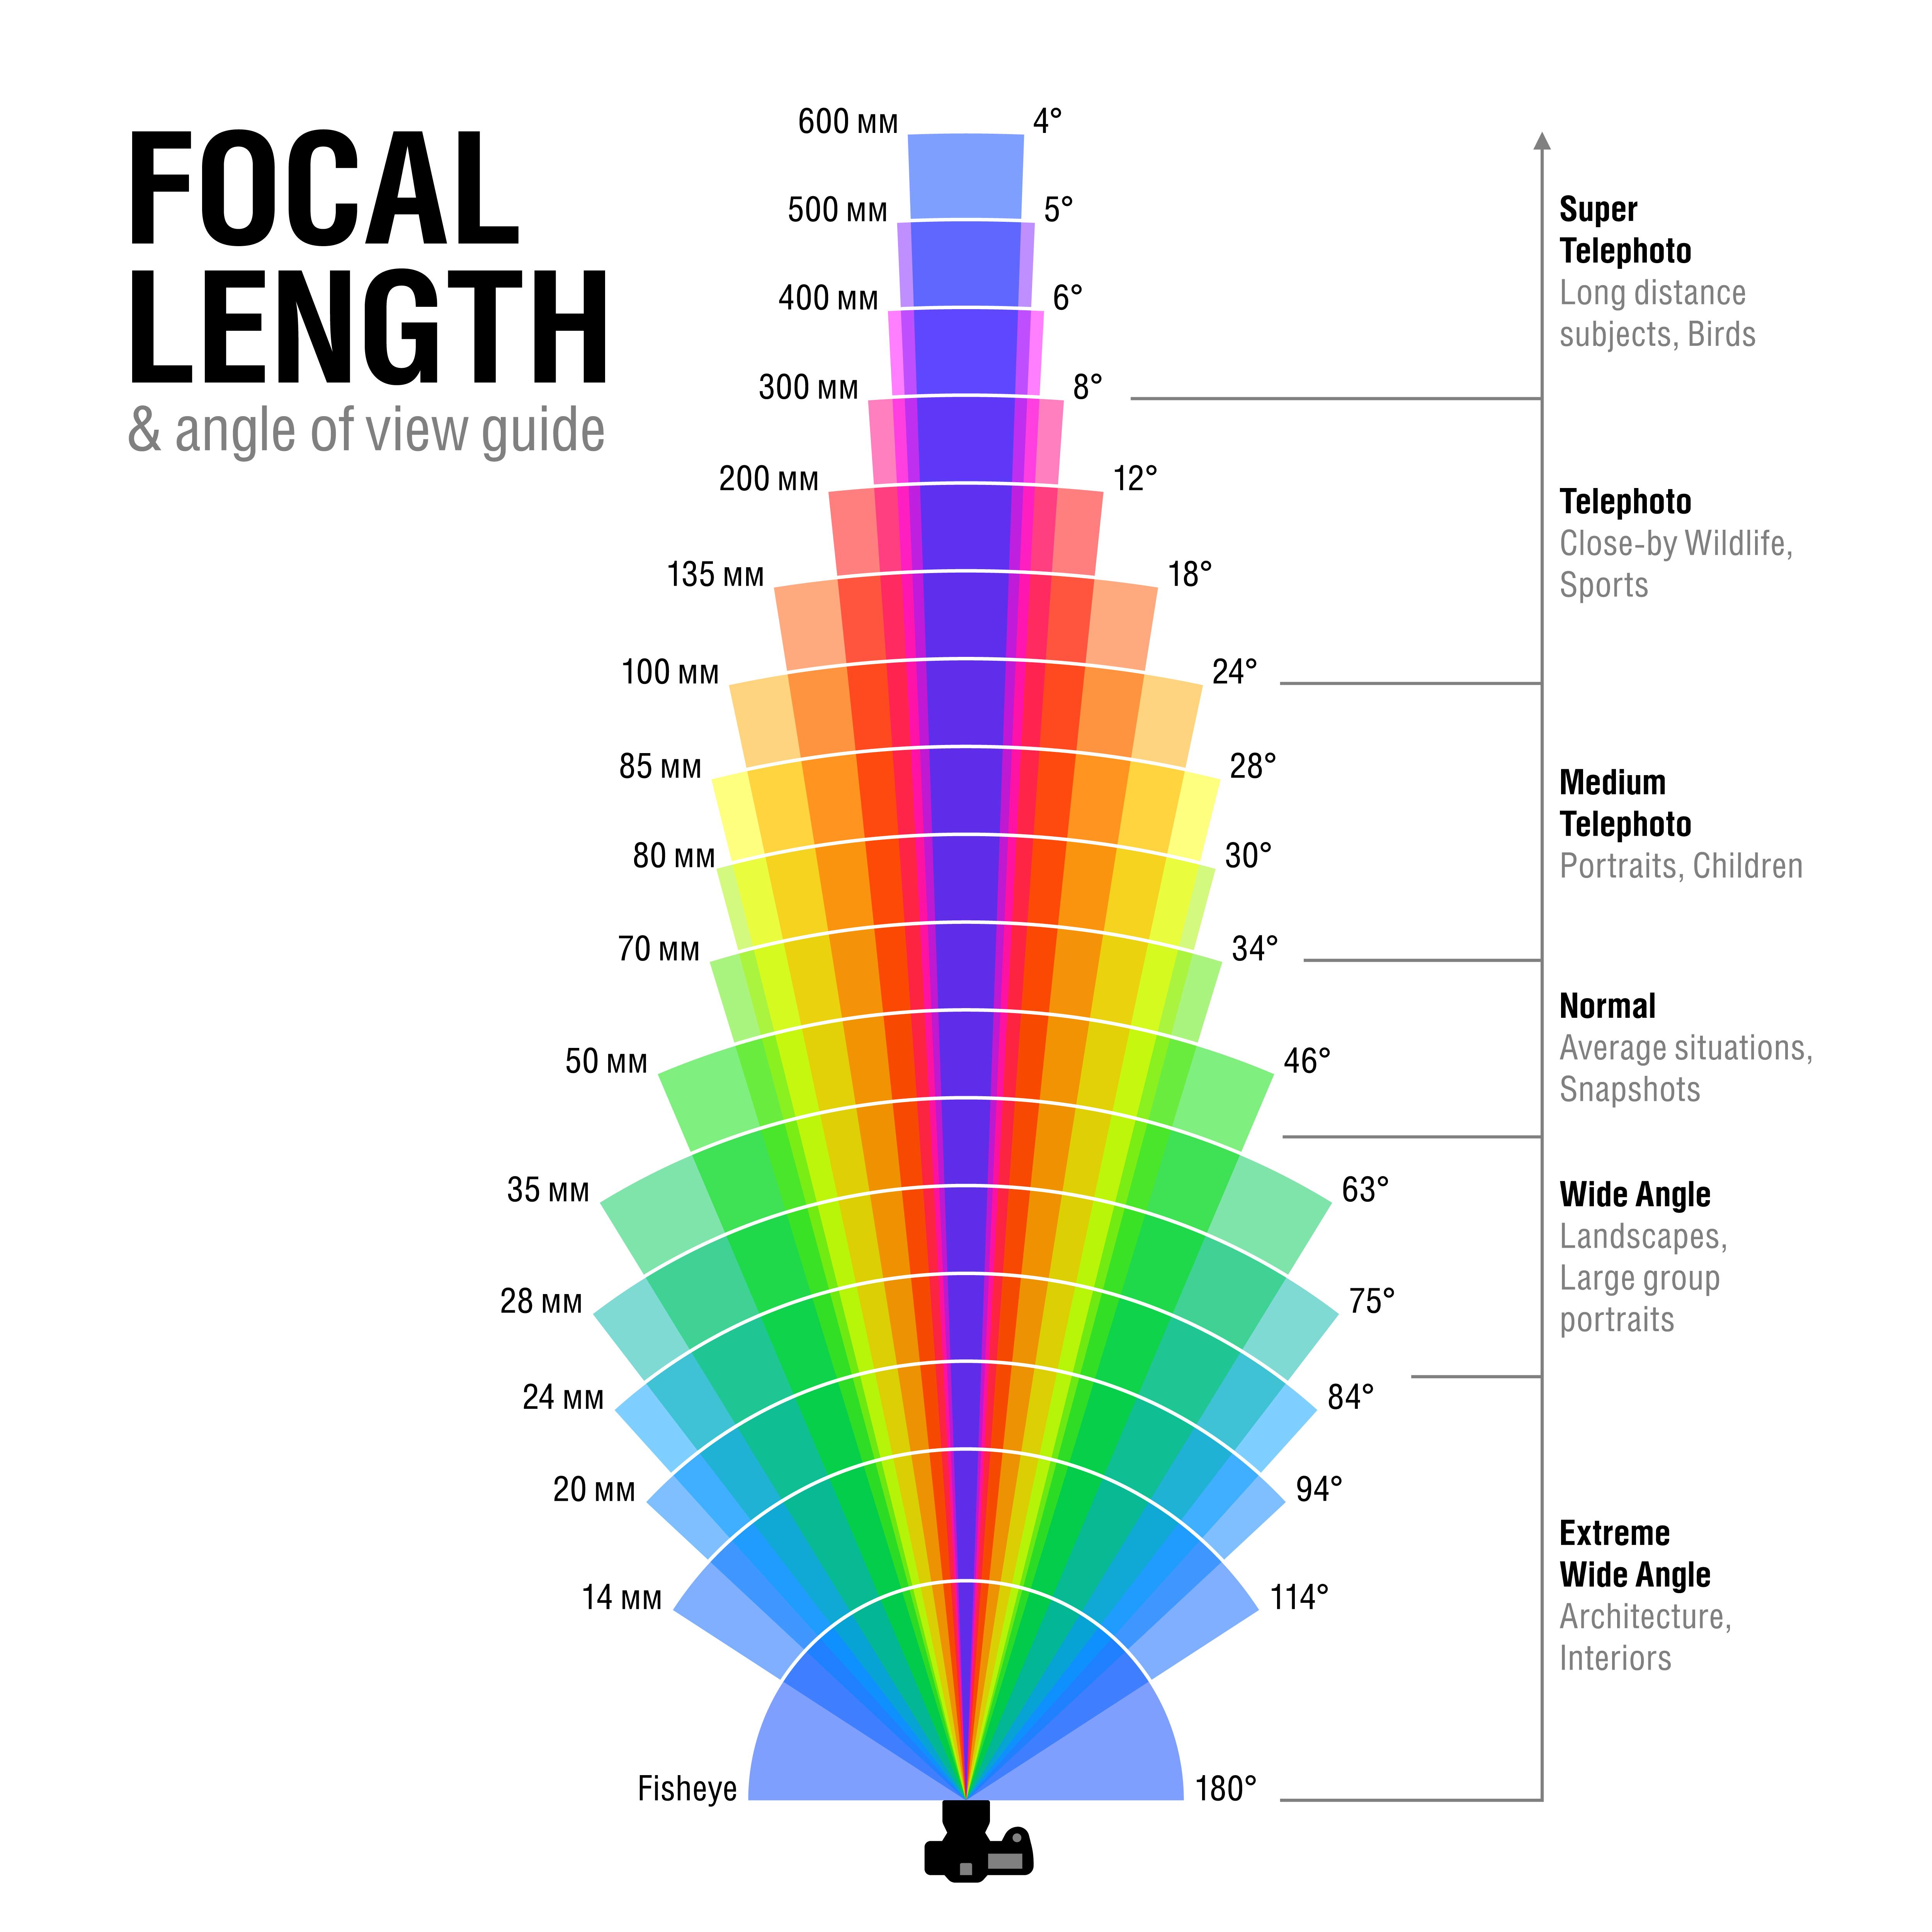 Focal length chart